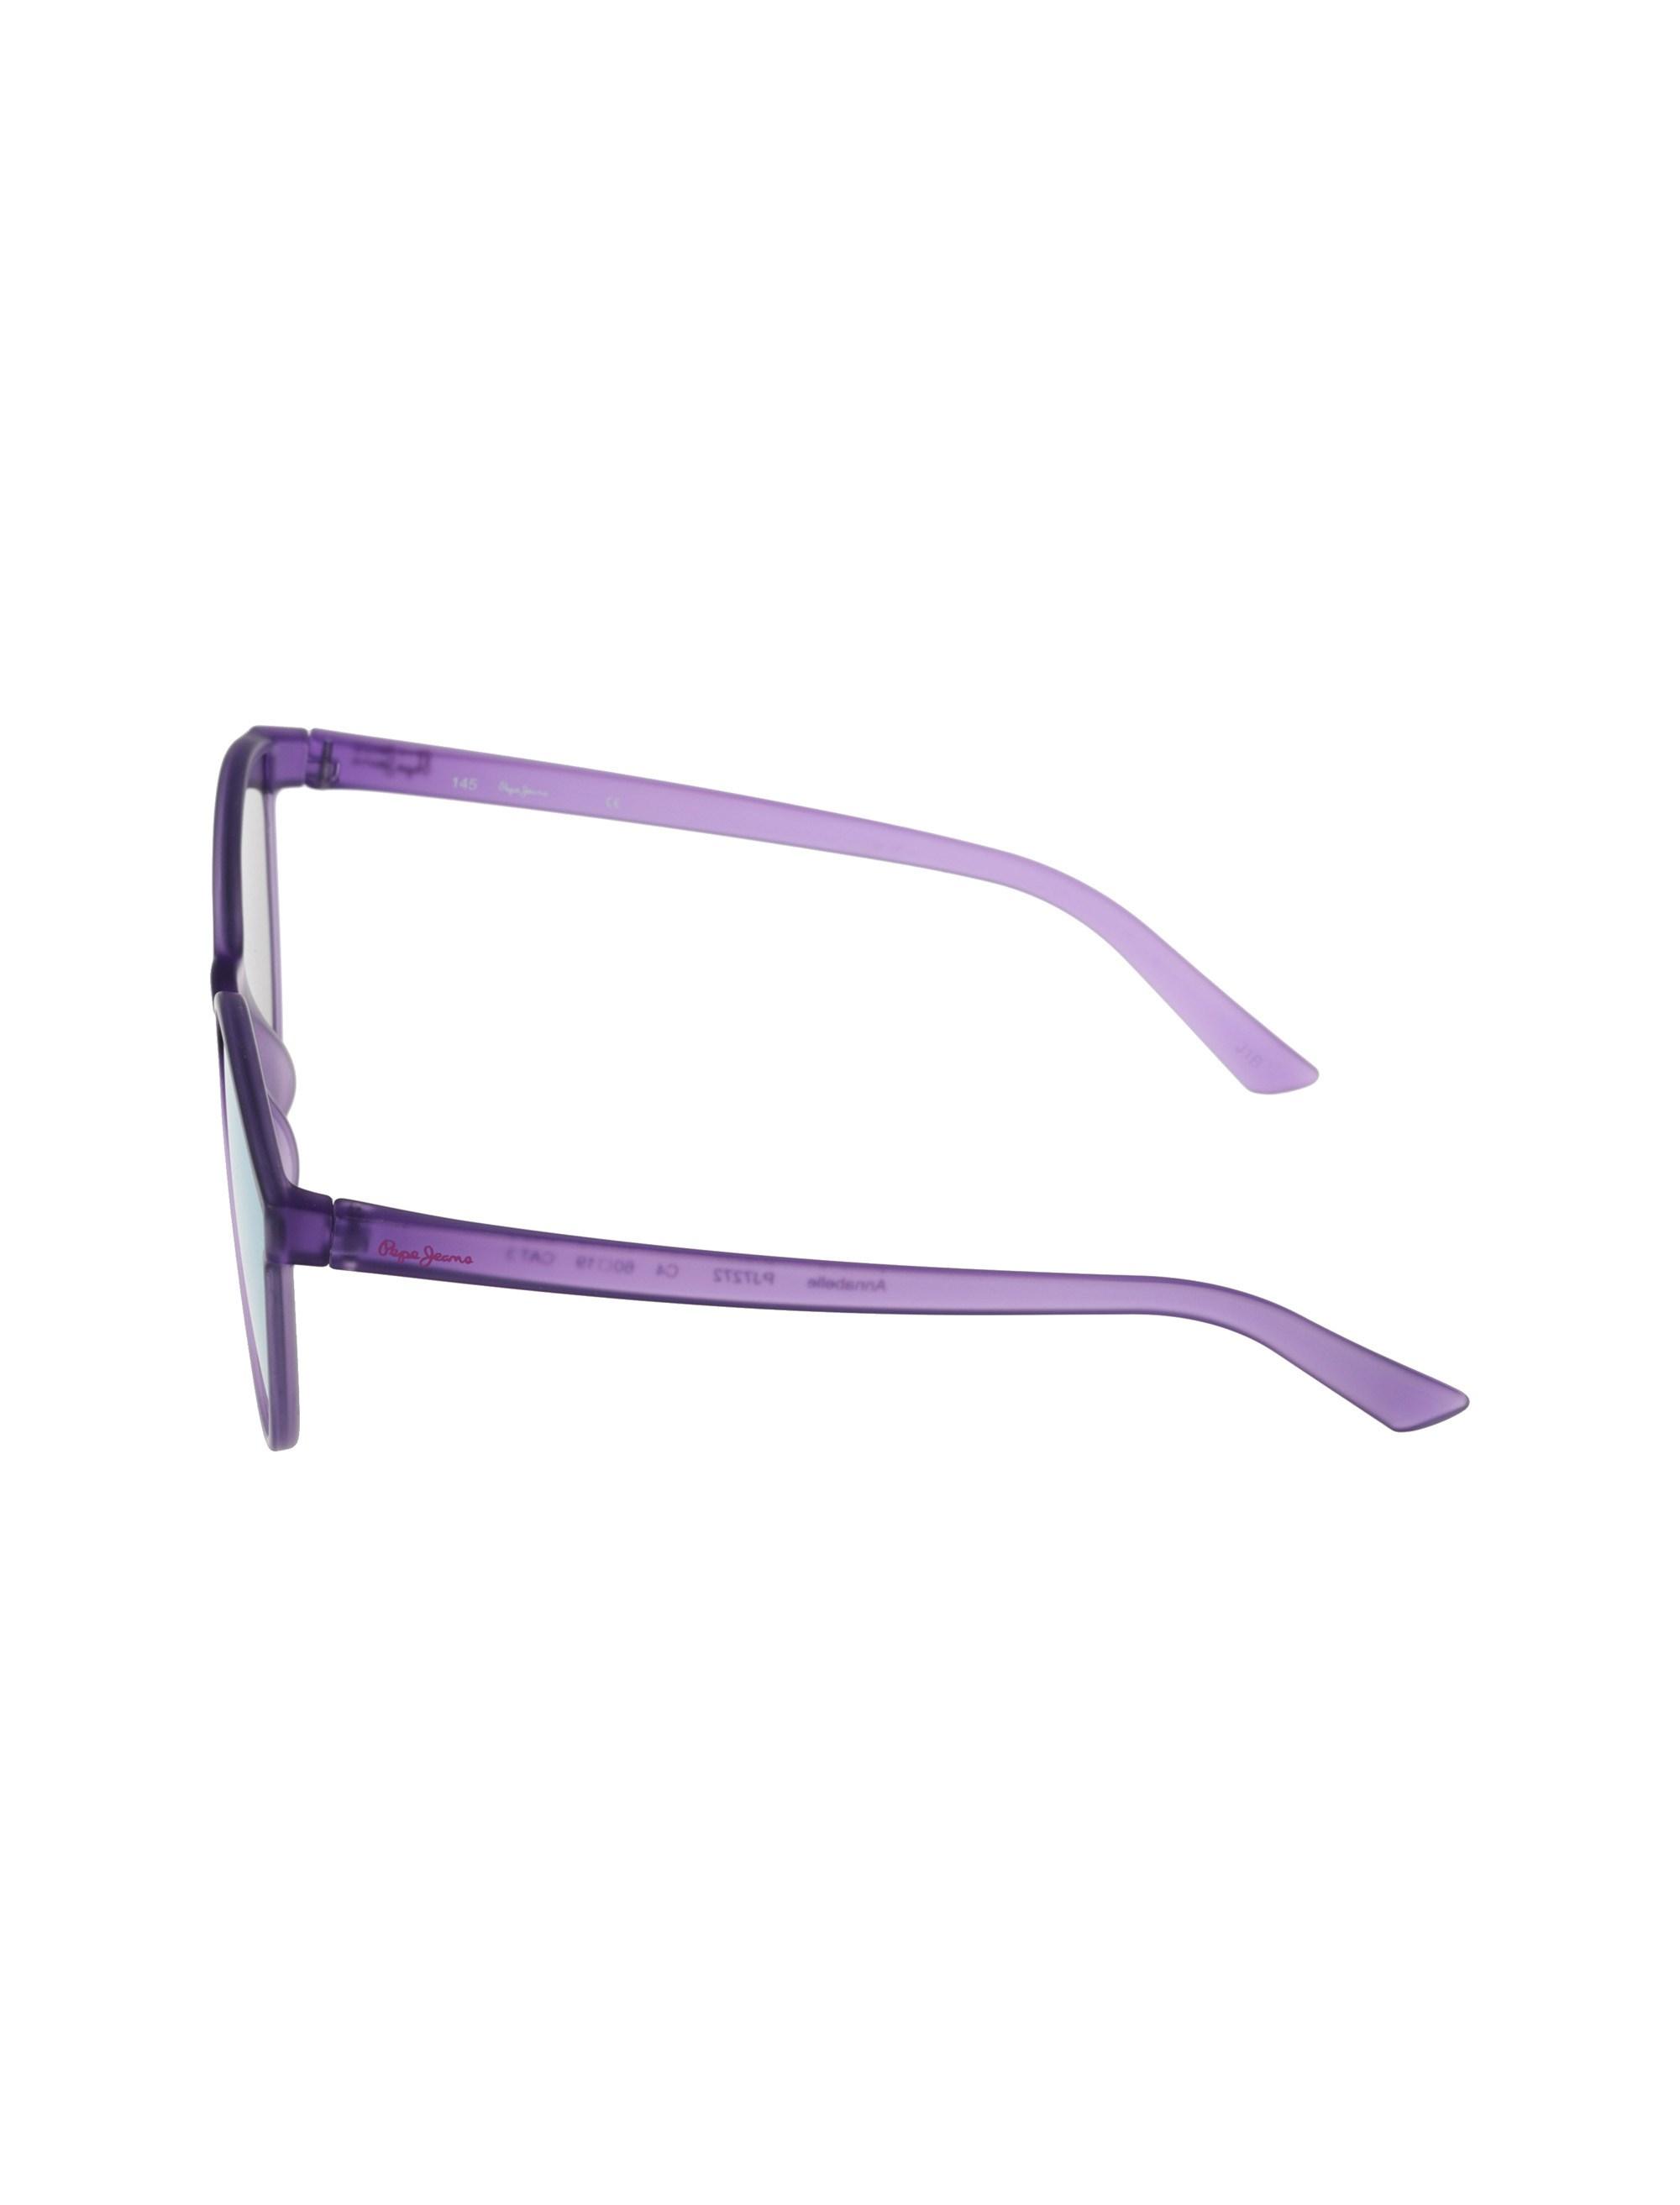 عینک آفتابی گربه ای زنانه - بنفش روشن - 3